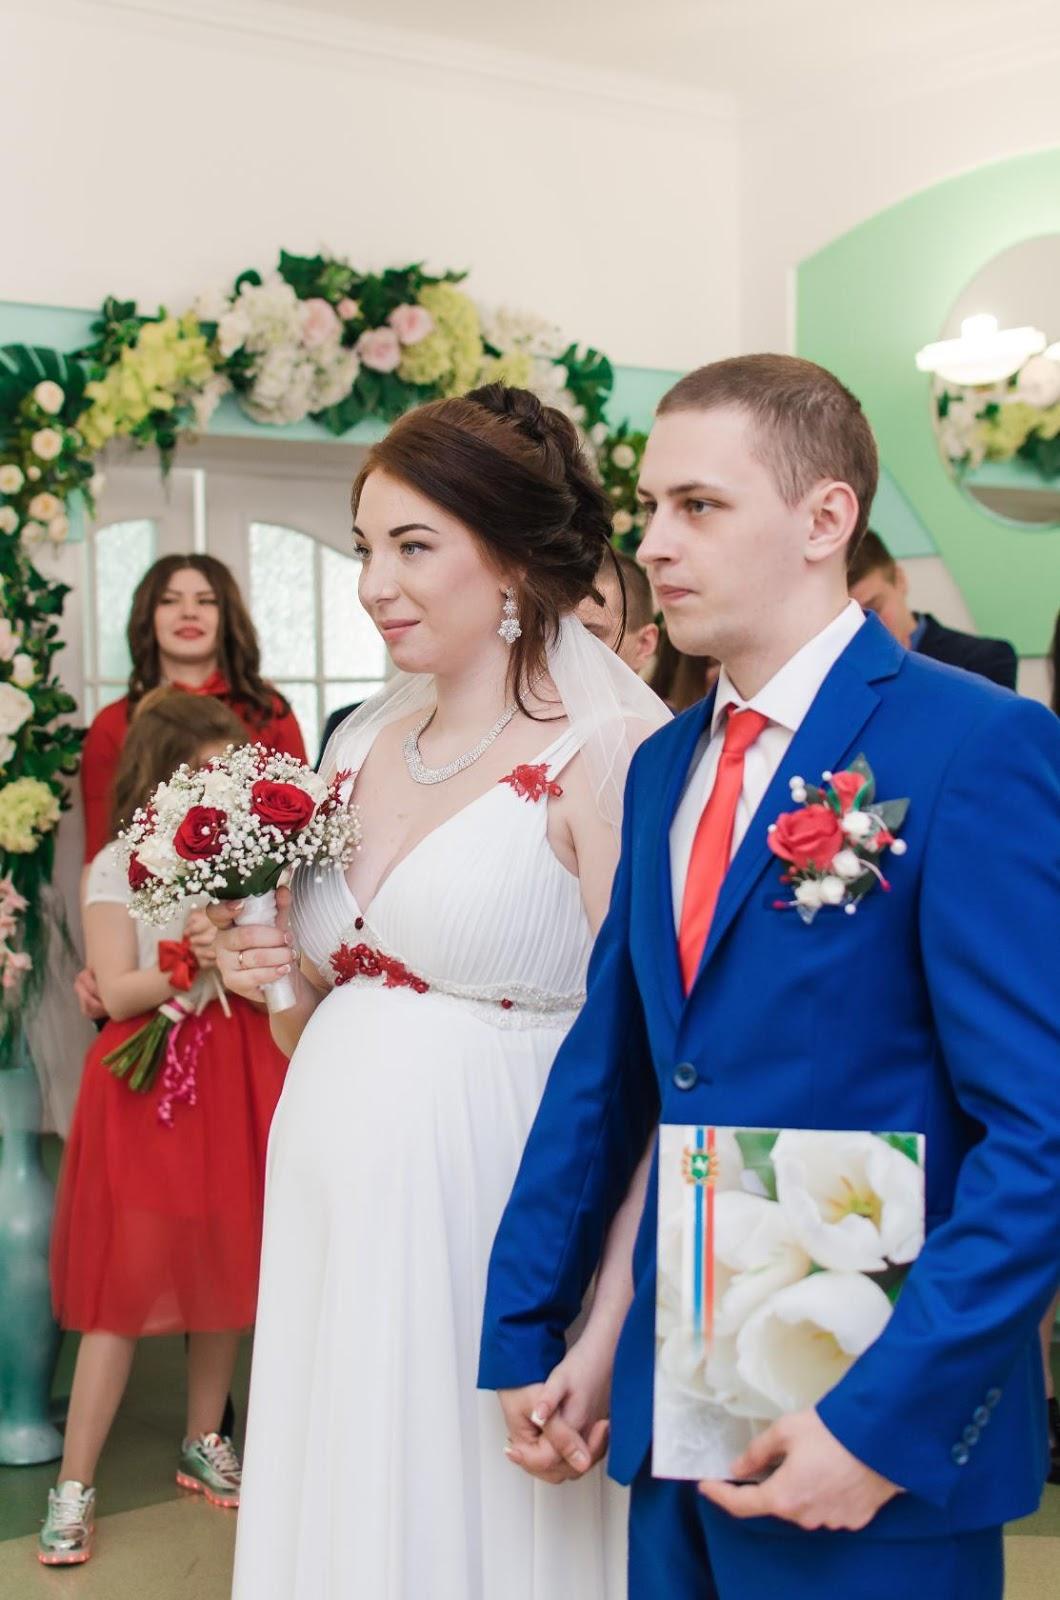 Блондинки скрытая камера под платьем на свадьбе получить классный